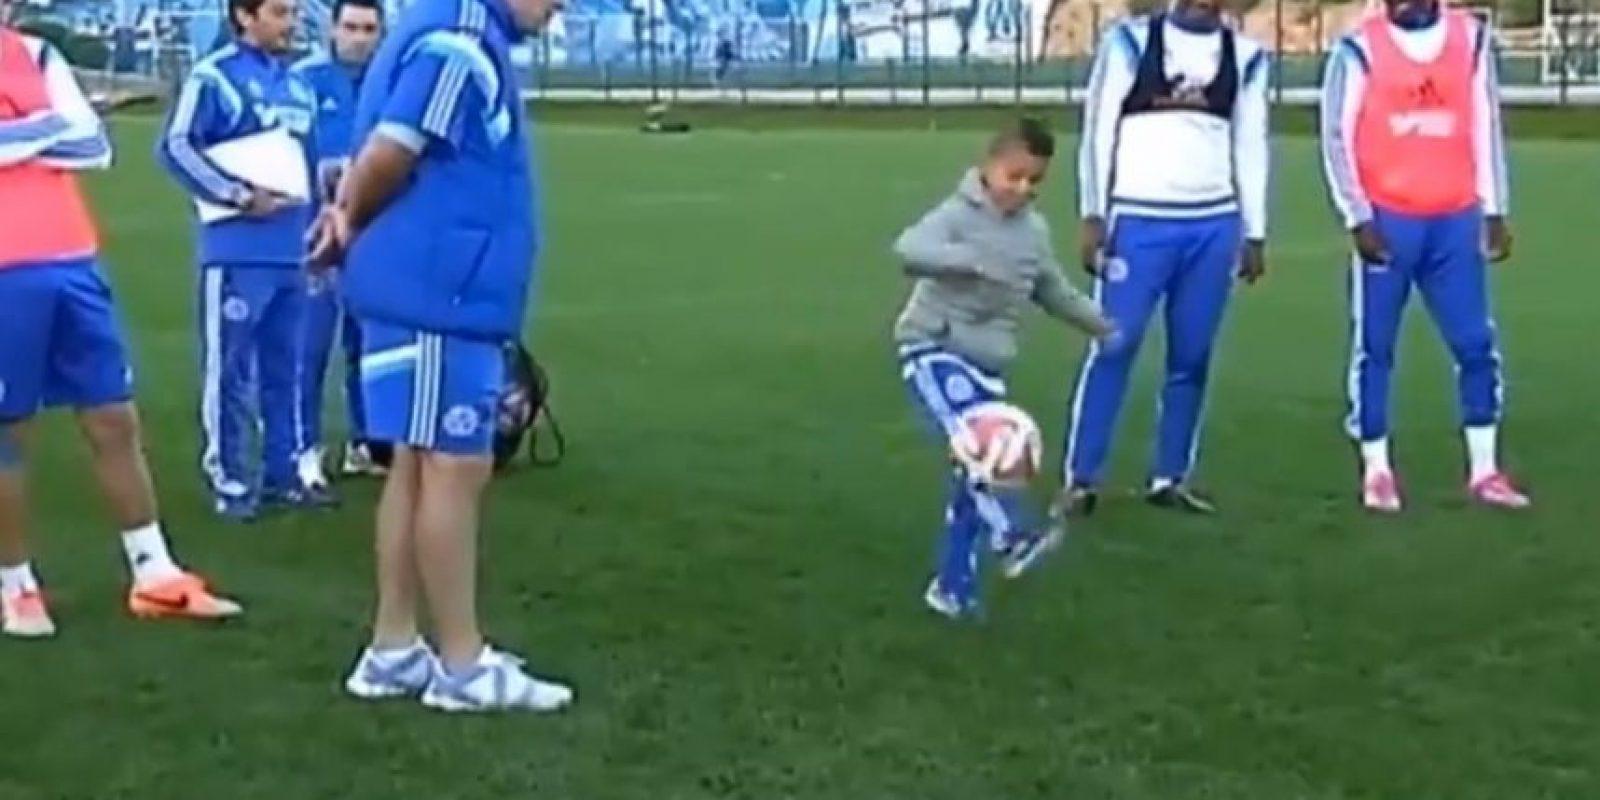 El pequeño de ocho años dominó el balón y sus ídolos le aplaudieron. Foto:vía YouTube